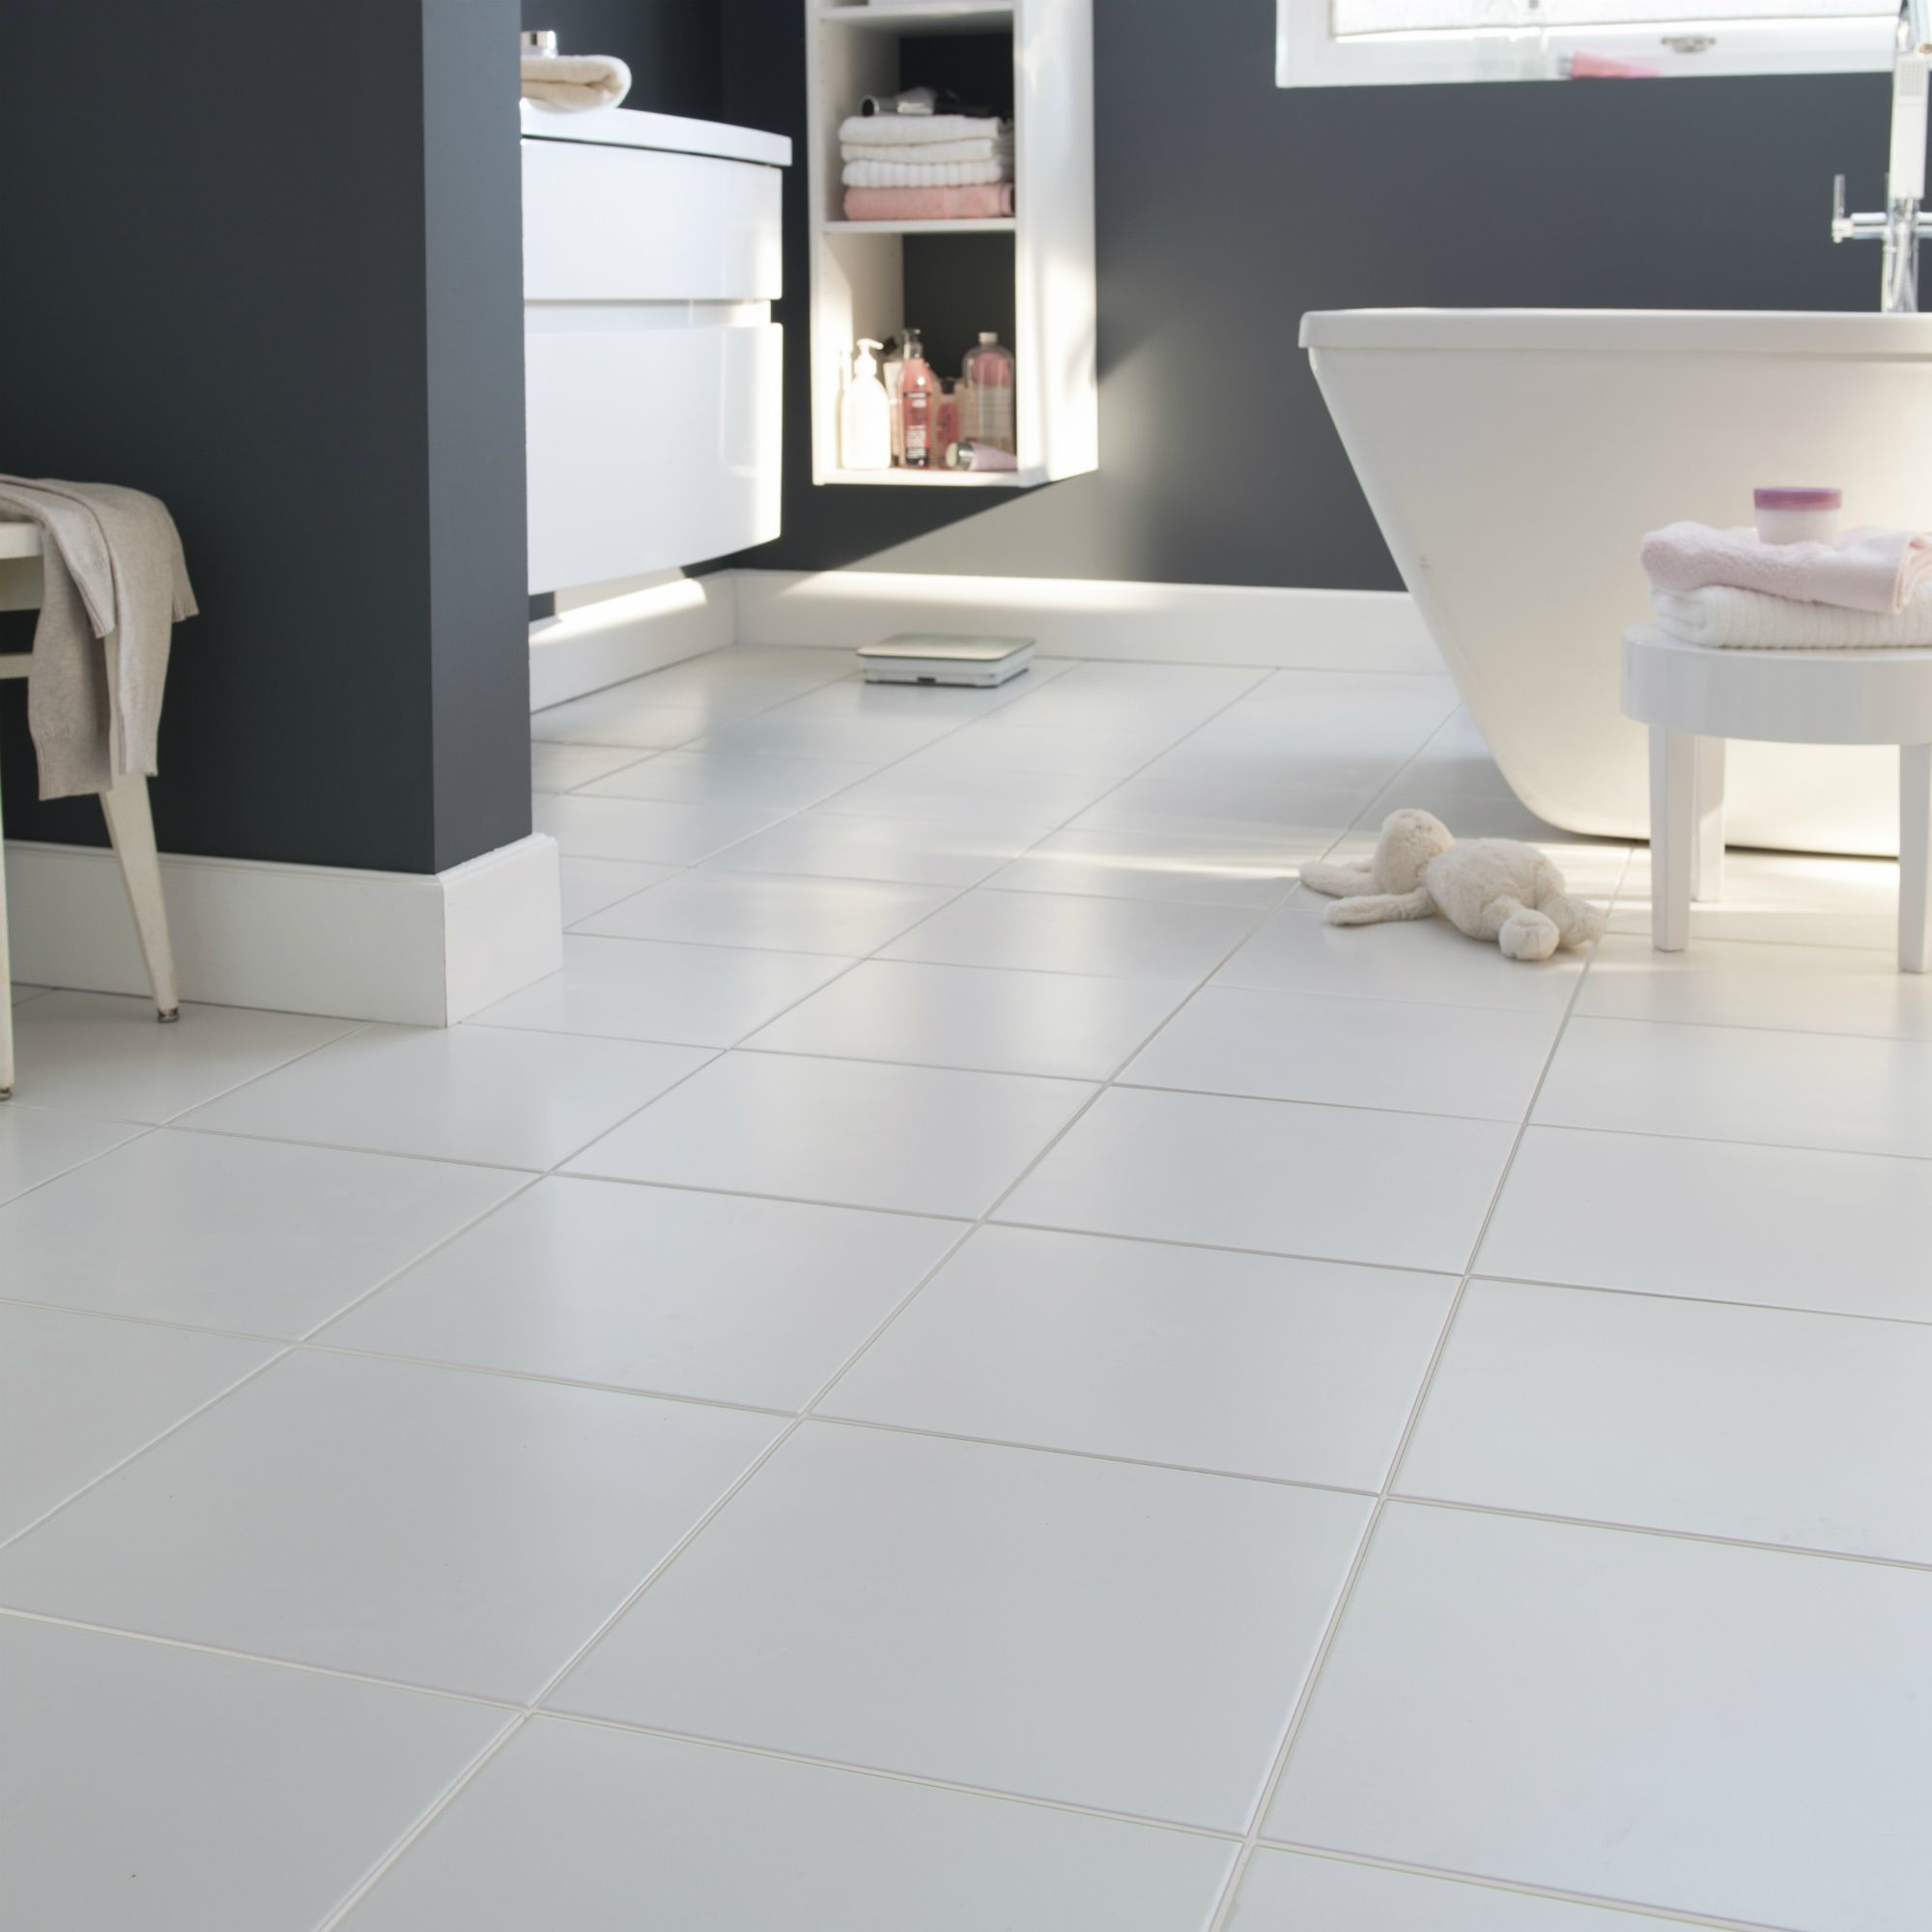 Monzie White Matt Ceramic Floor Tile Pack Of 16 L 300mm W 300mm Departments Diy At B Q Tile Floor Ceramic Floor Flooring